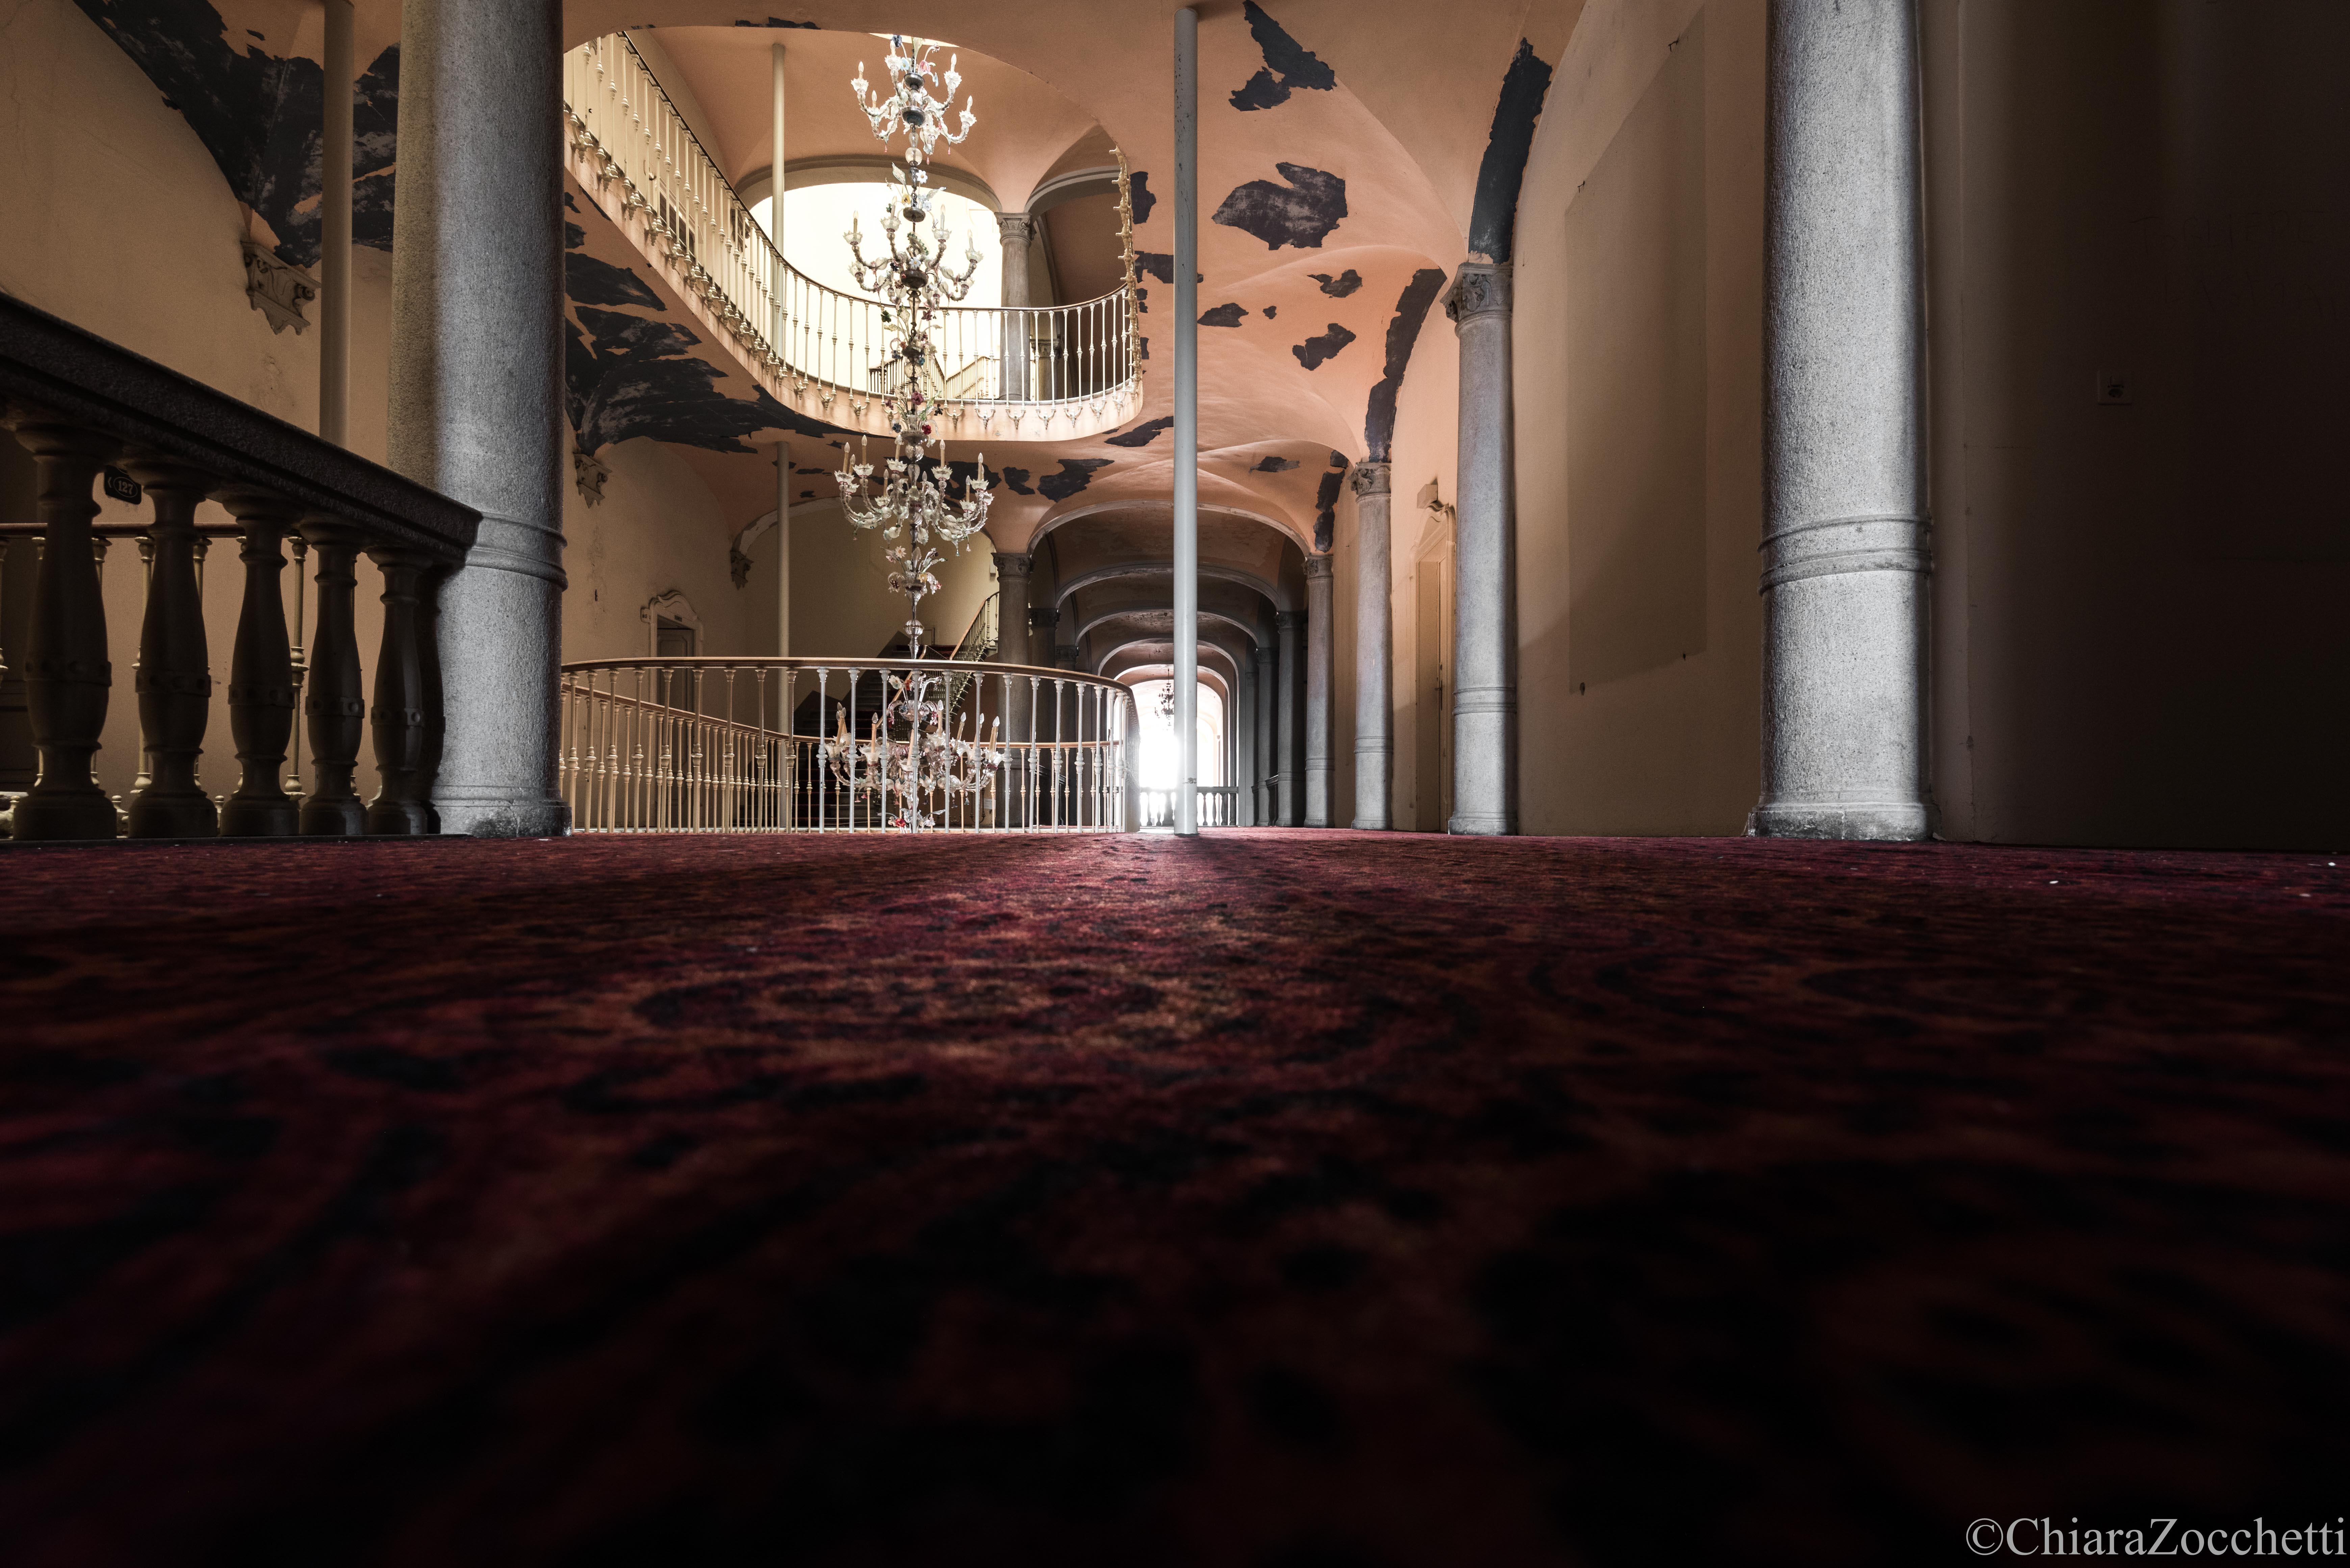 Grand Hotel Cinema